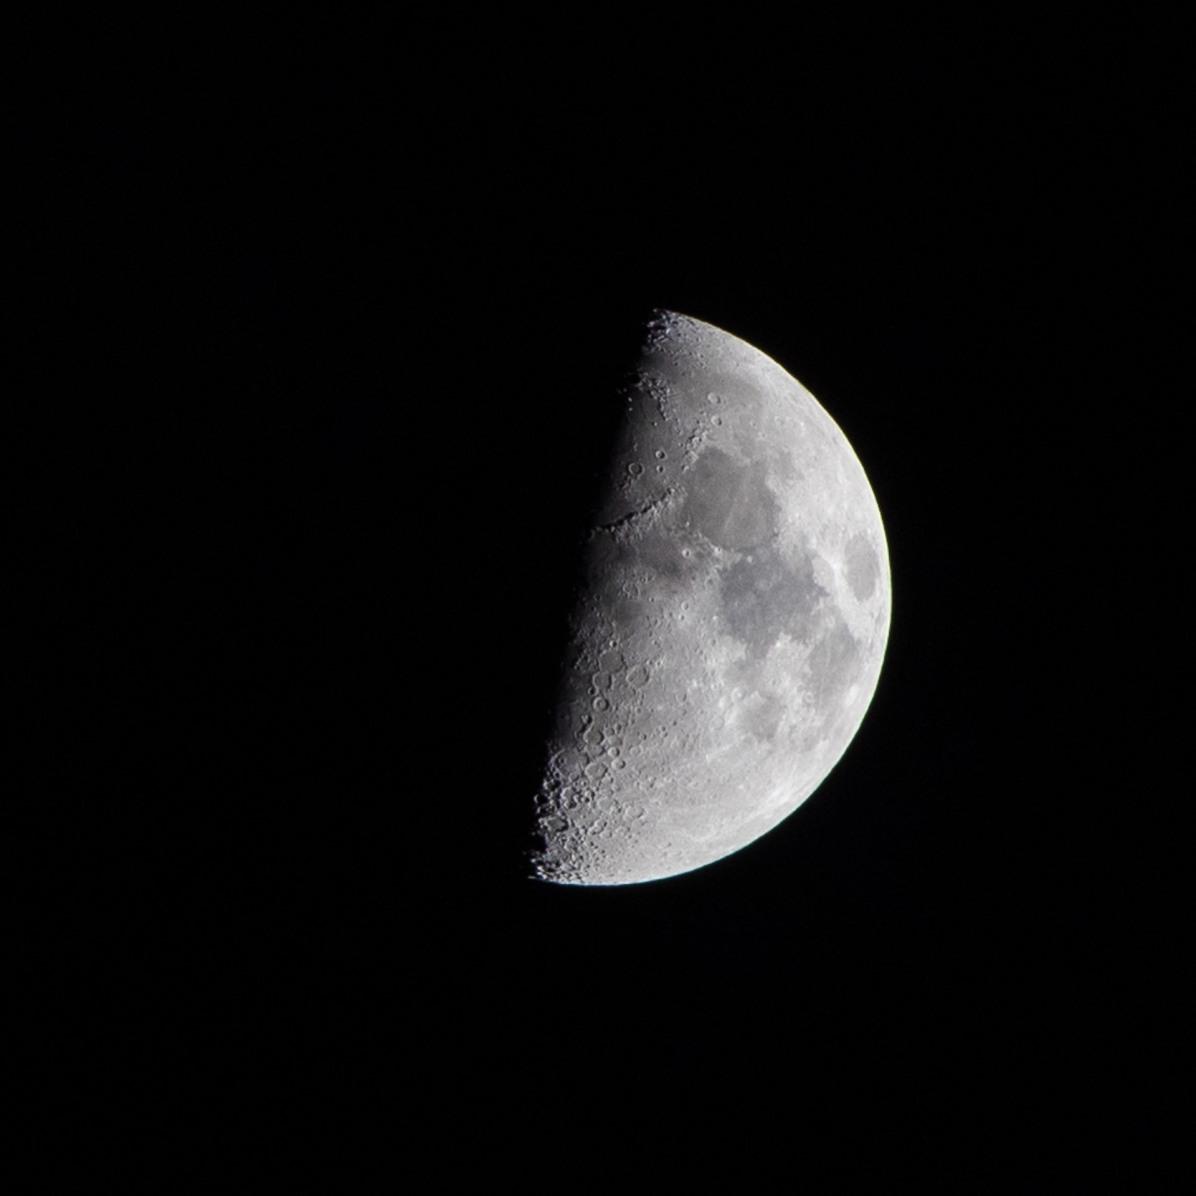 Eerste kwartier, dag 24 vanaf volle maan. 14-03-2019 Tijdstip 19.42 Maanopkomst 10.50 Maanondergang 02.14 (Maan 24)